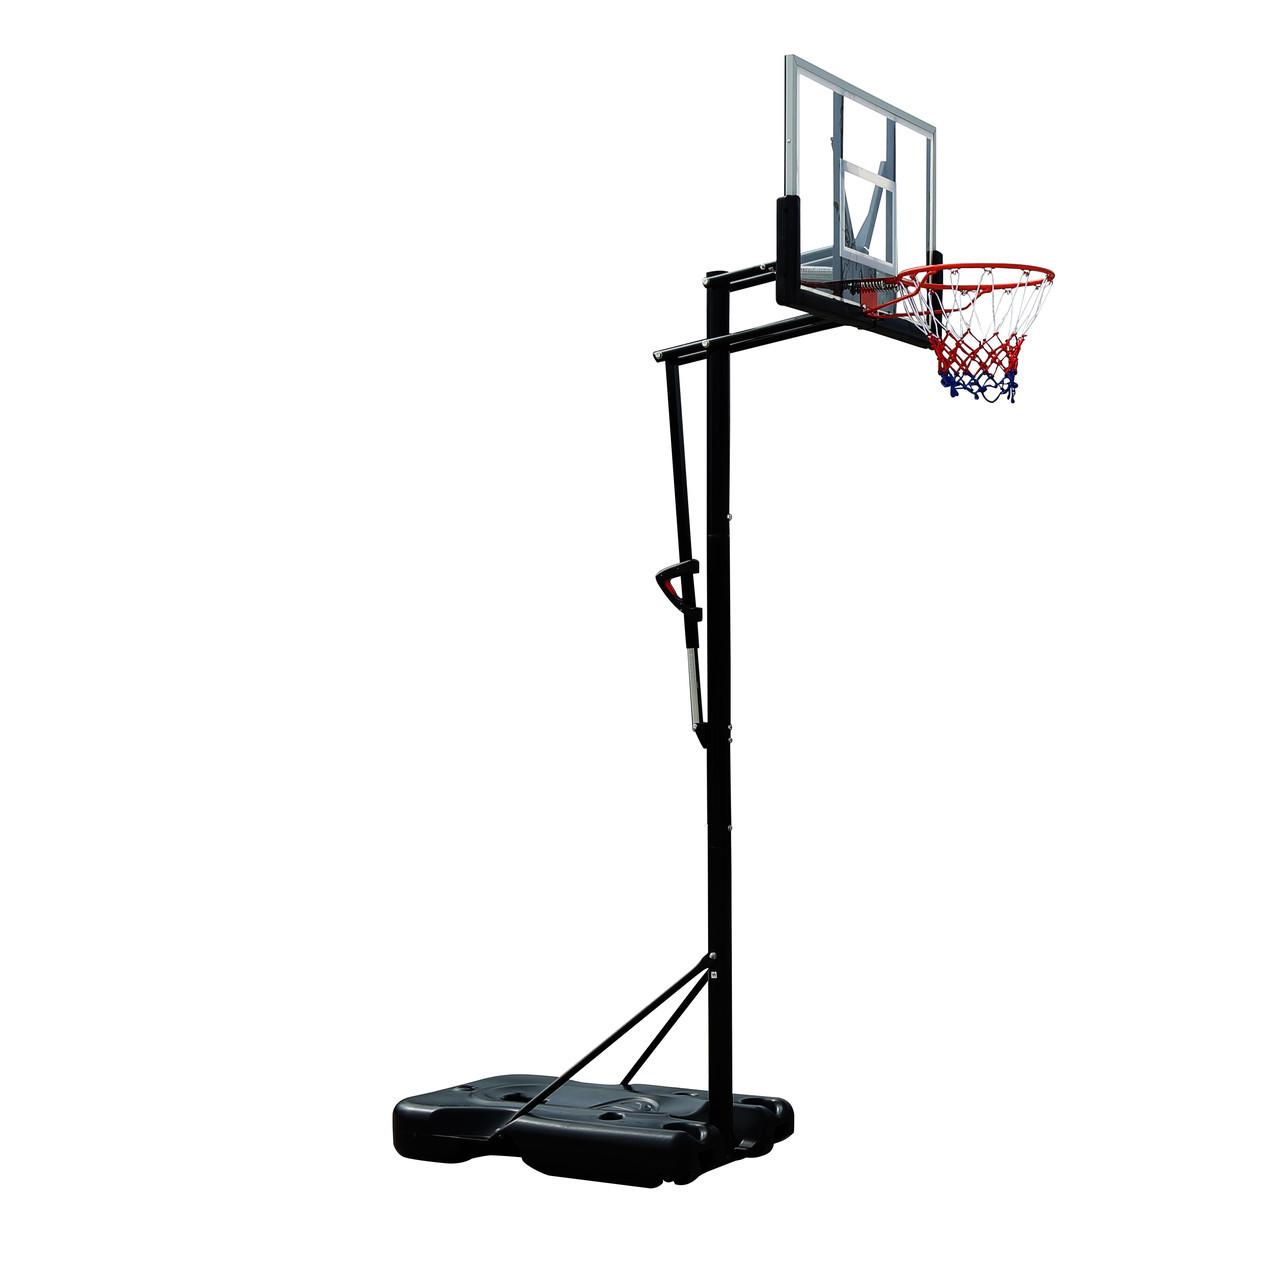 Баскетбольная стойка M021 - фото 1